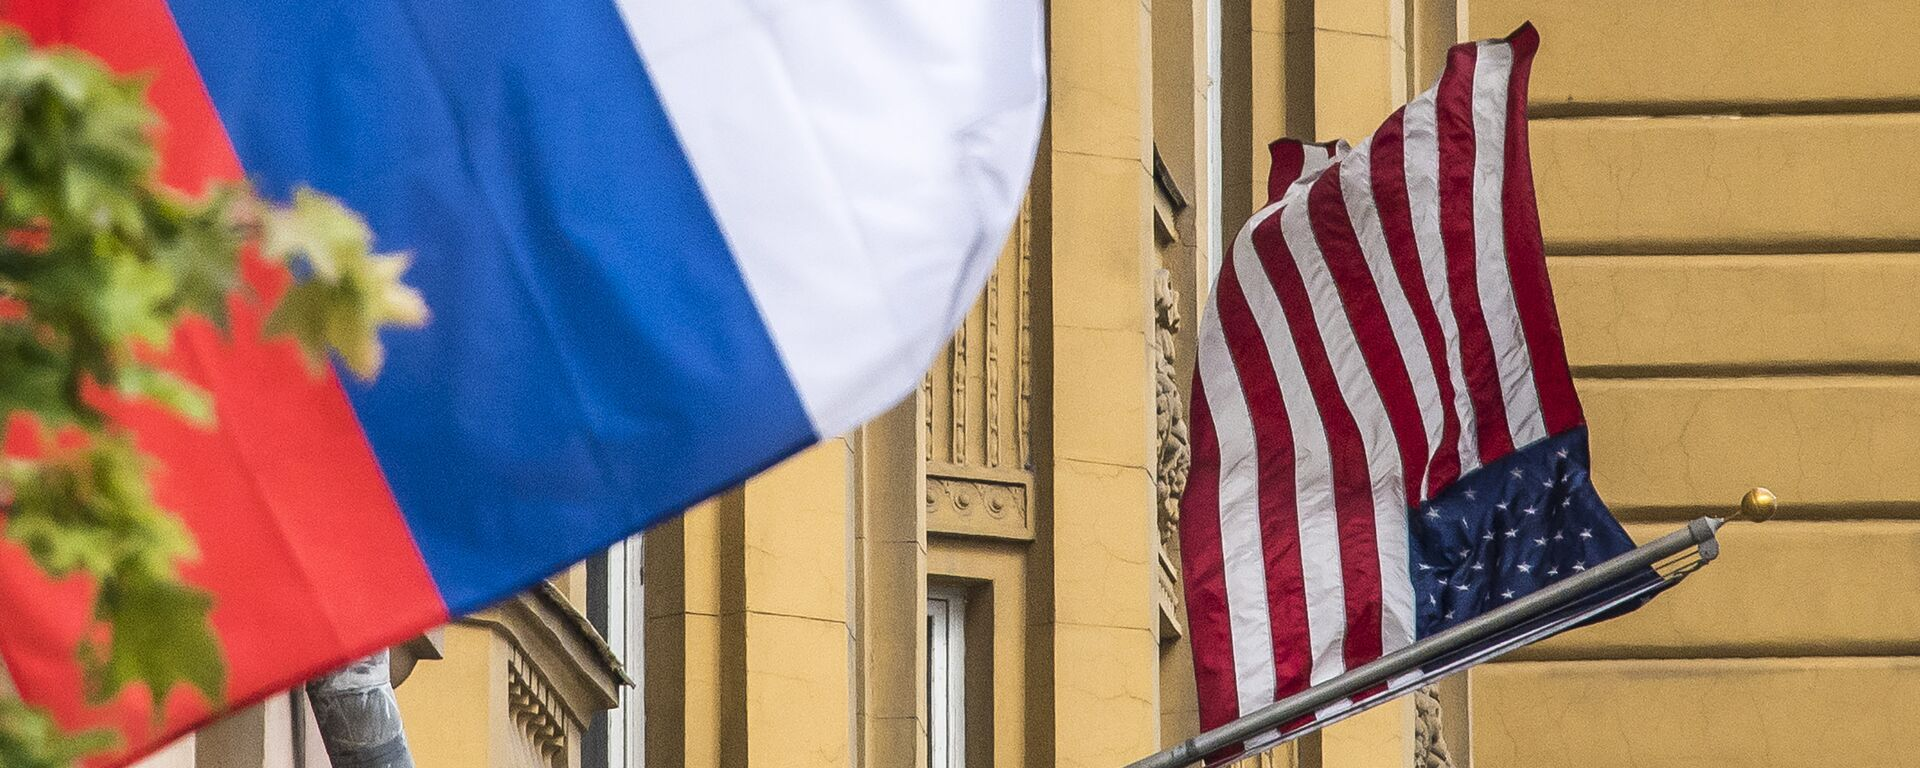 Флаги США и России - Sputnik Грузия, 1920, 14.08.2021